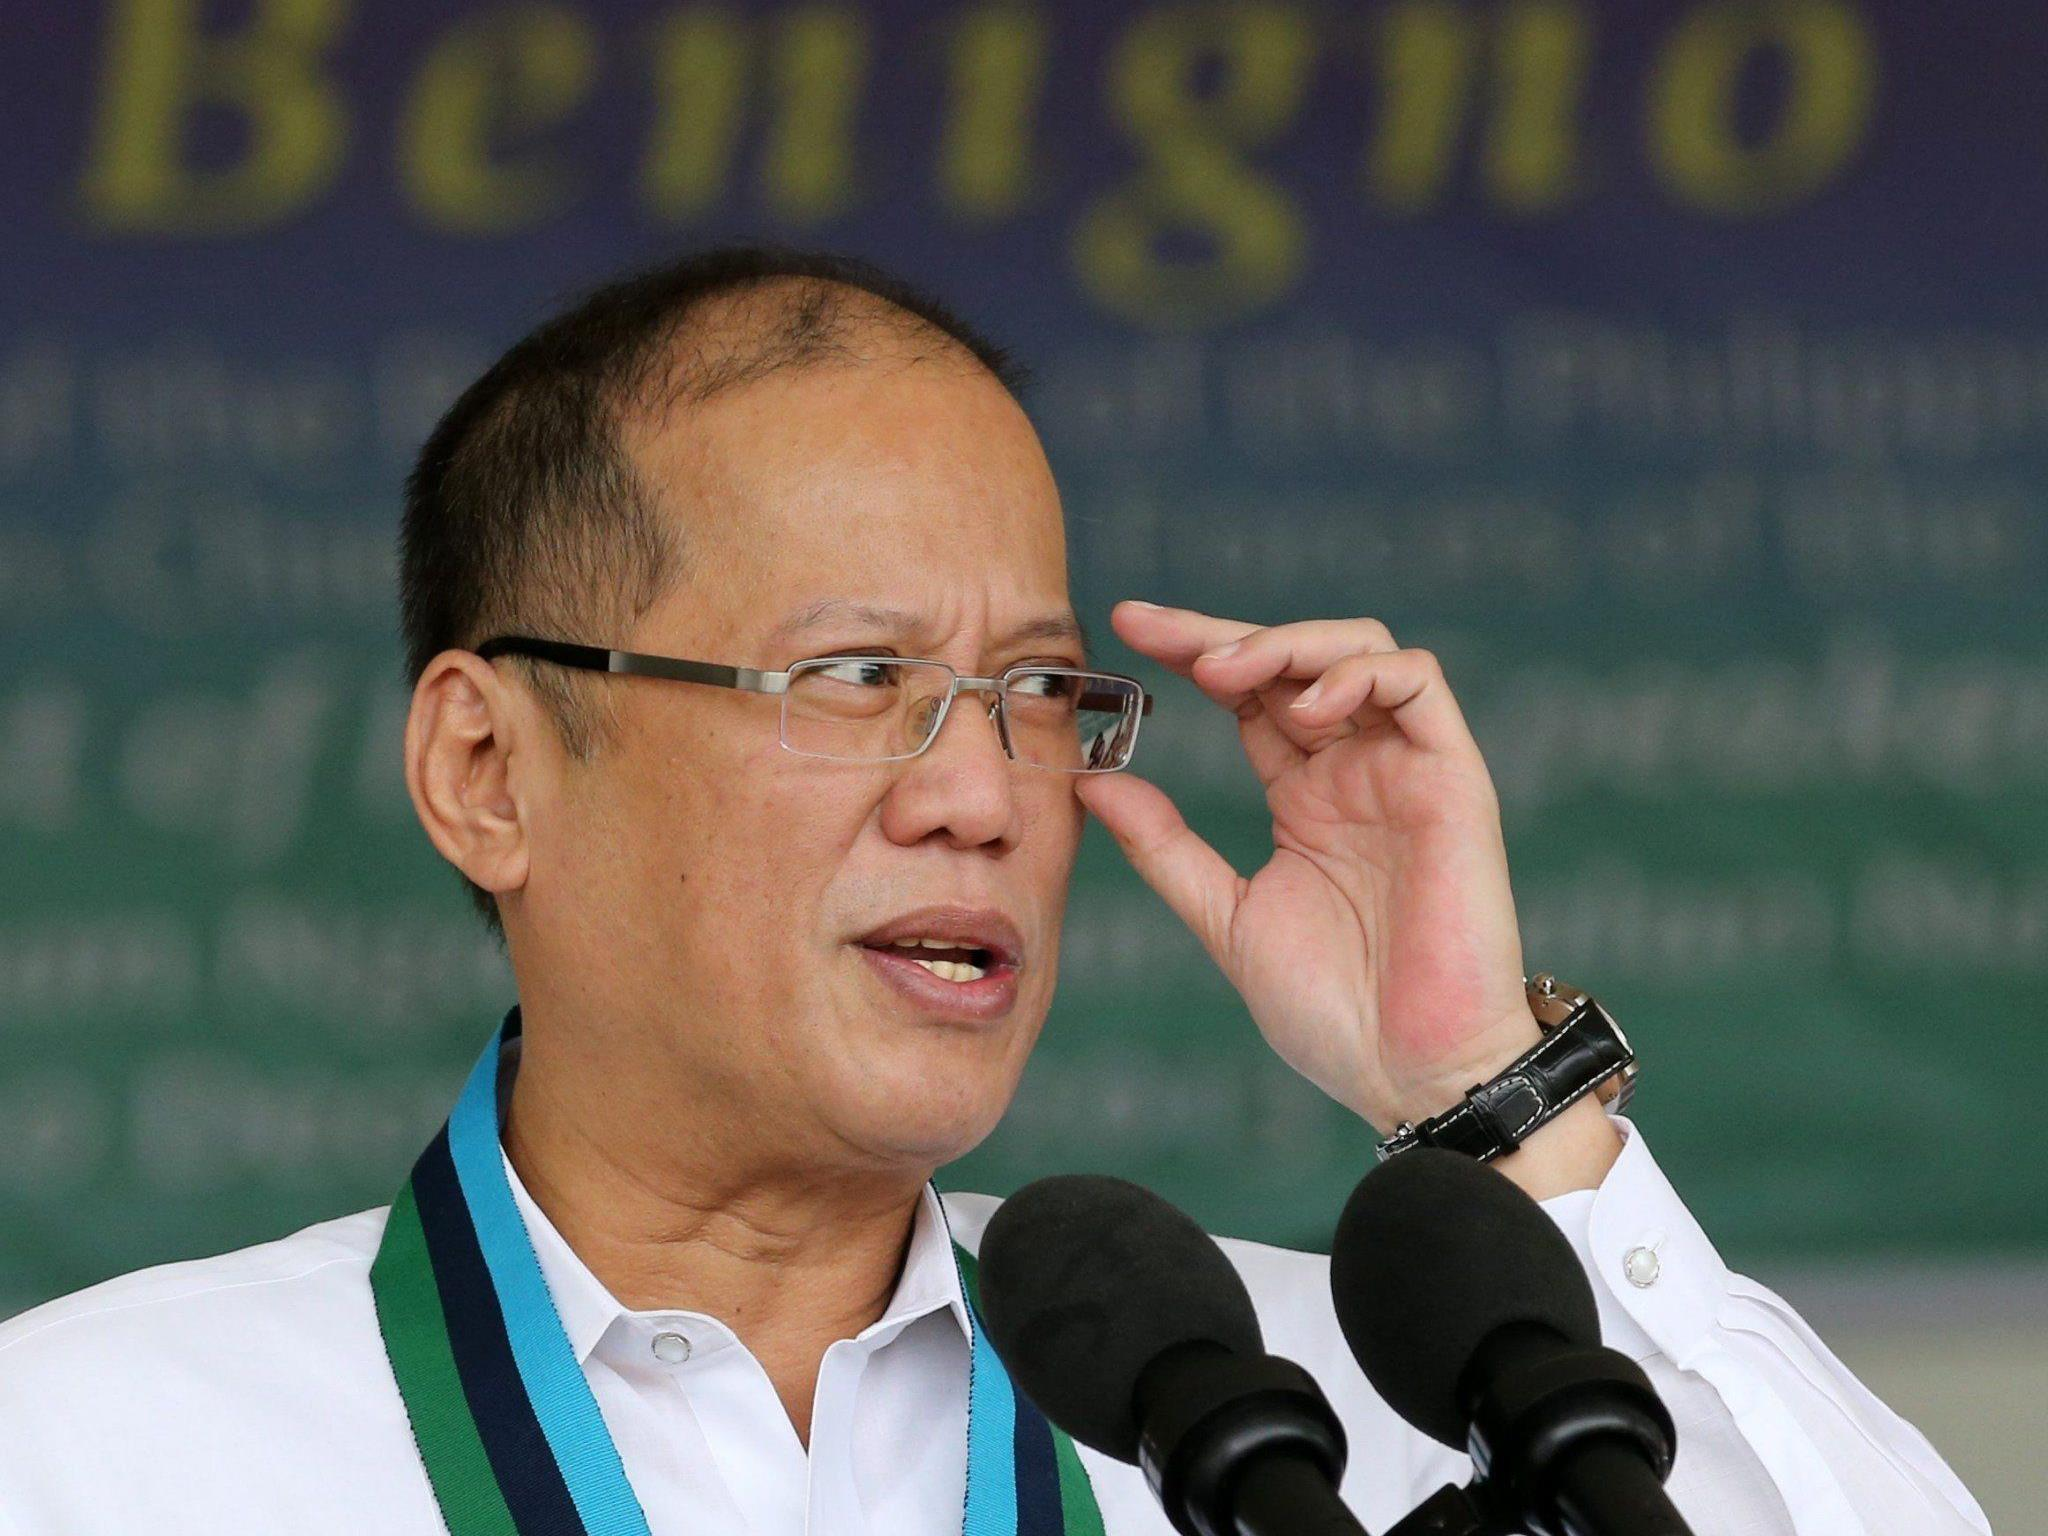 """Chinesische Nachrichtenagentur: Aquino (Bild) als """"amateurhafter Politiker entlarvt""""."""